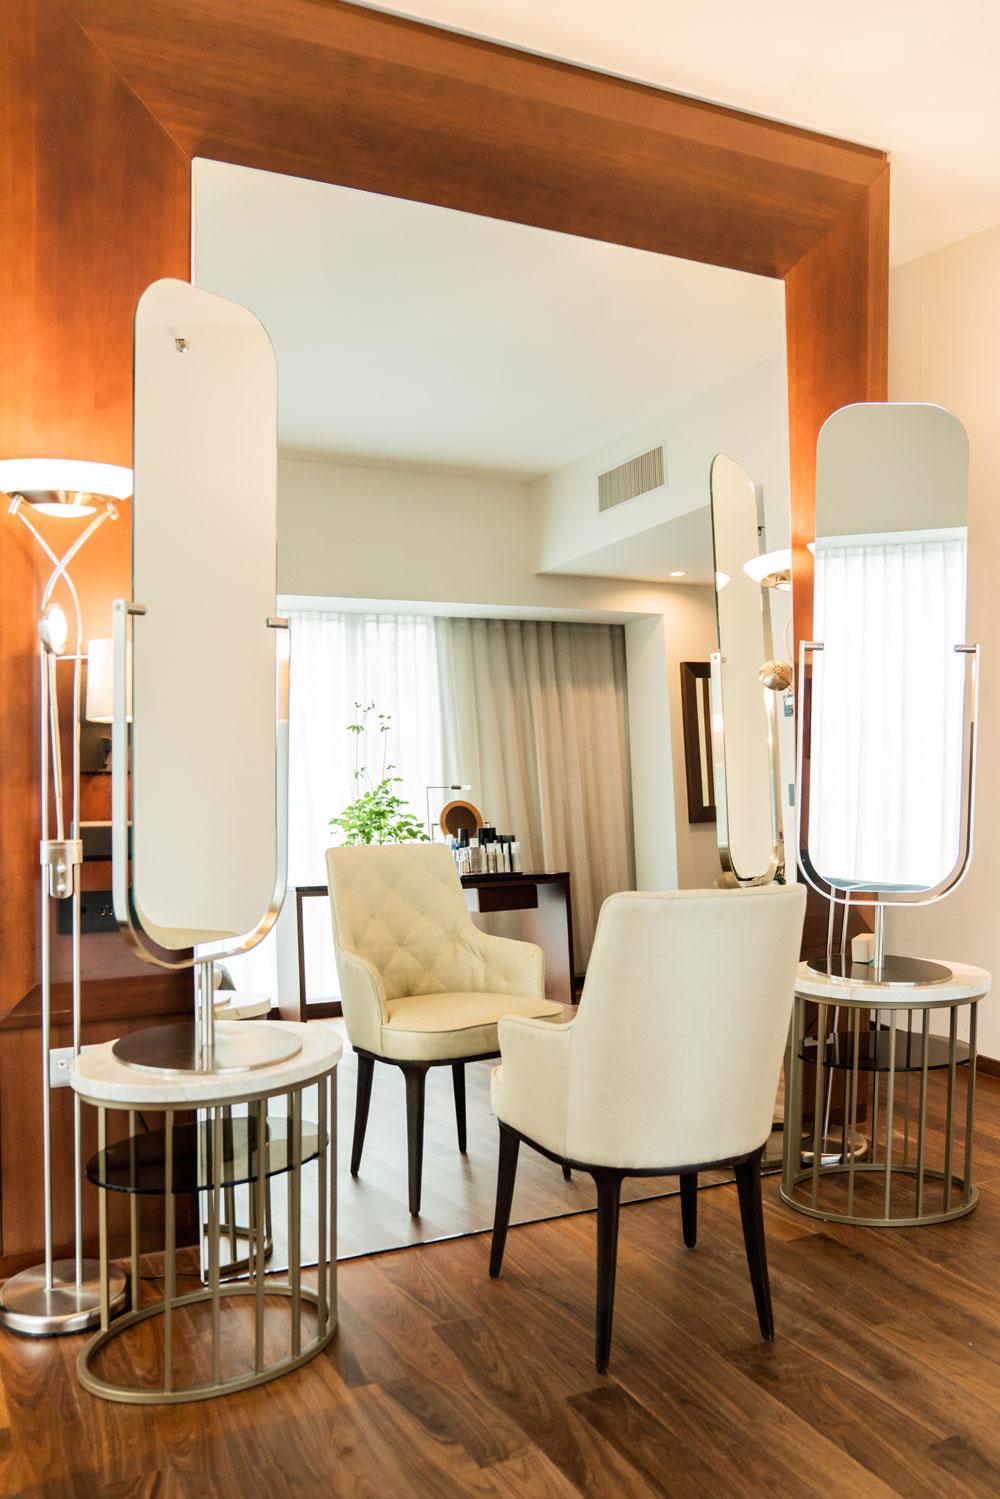 Star-Figaro Felix Fischer bietet in seiner neuen Suite im Park Hyatt ein luxuriöses Hairstyling-Erlebnis an wie es bisher nur seine prominente Kundschaft erleben konnte.